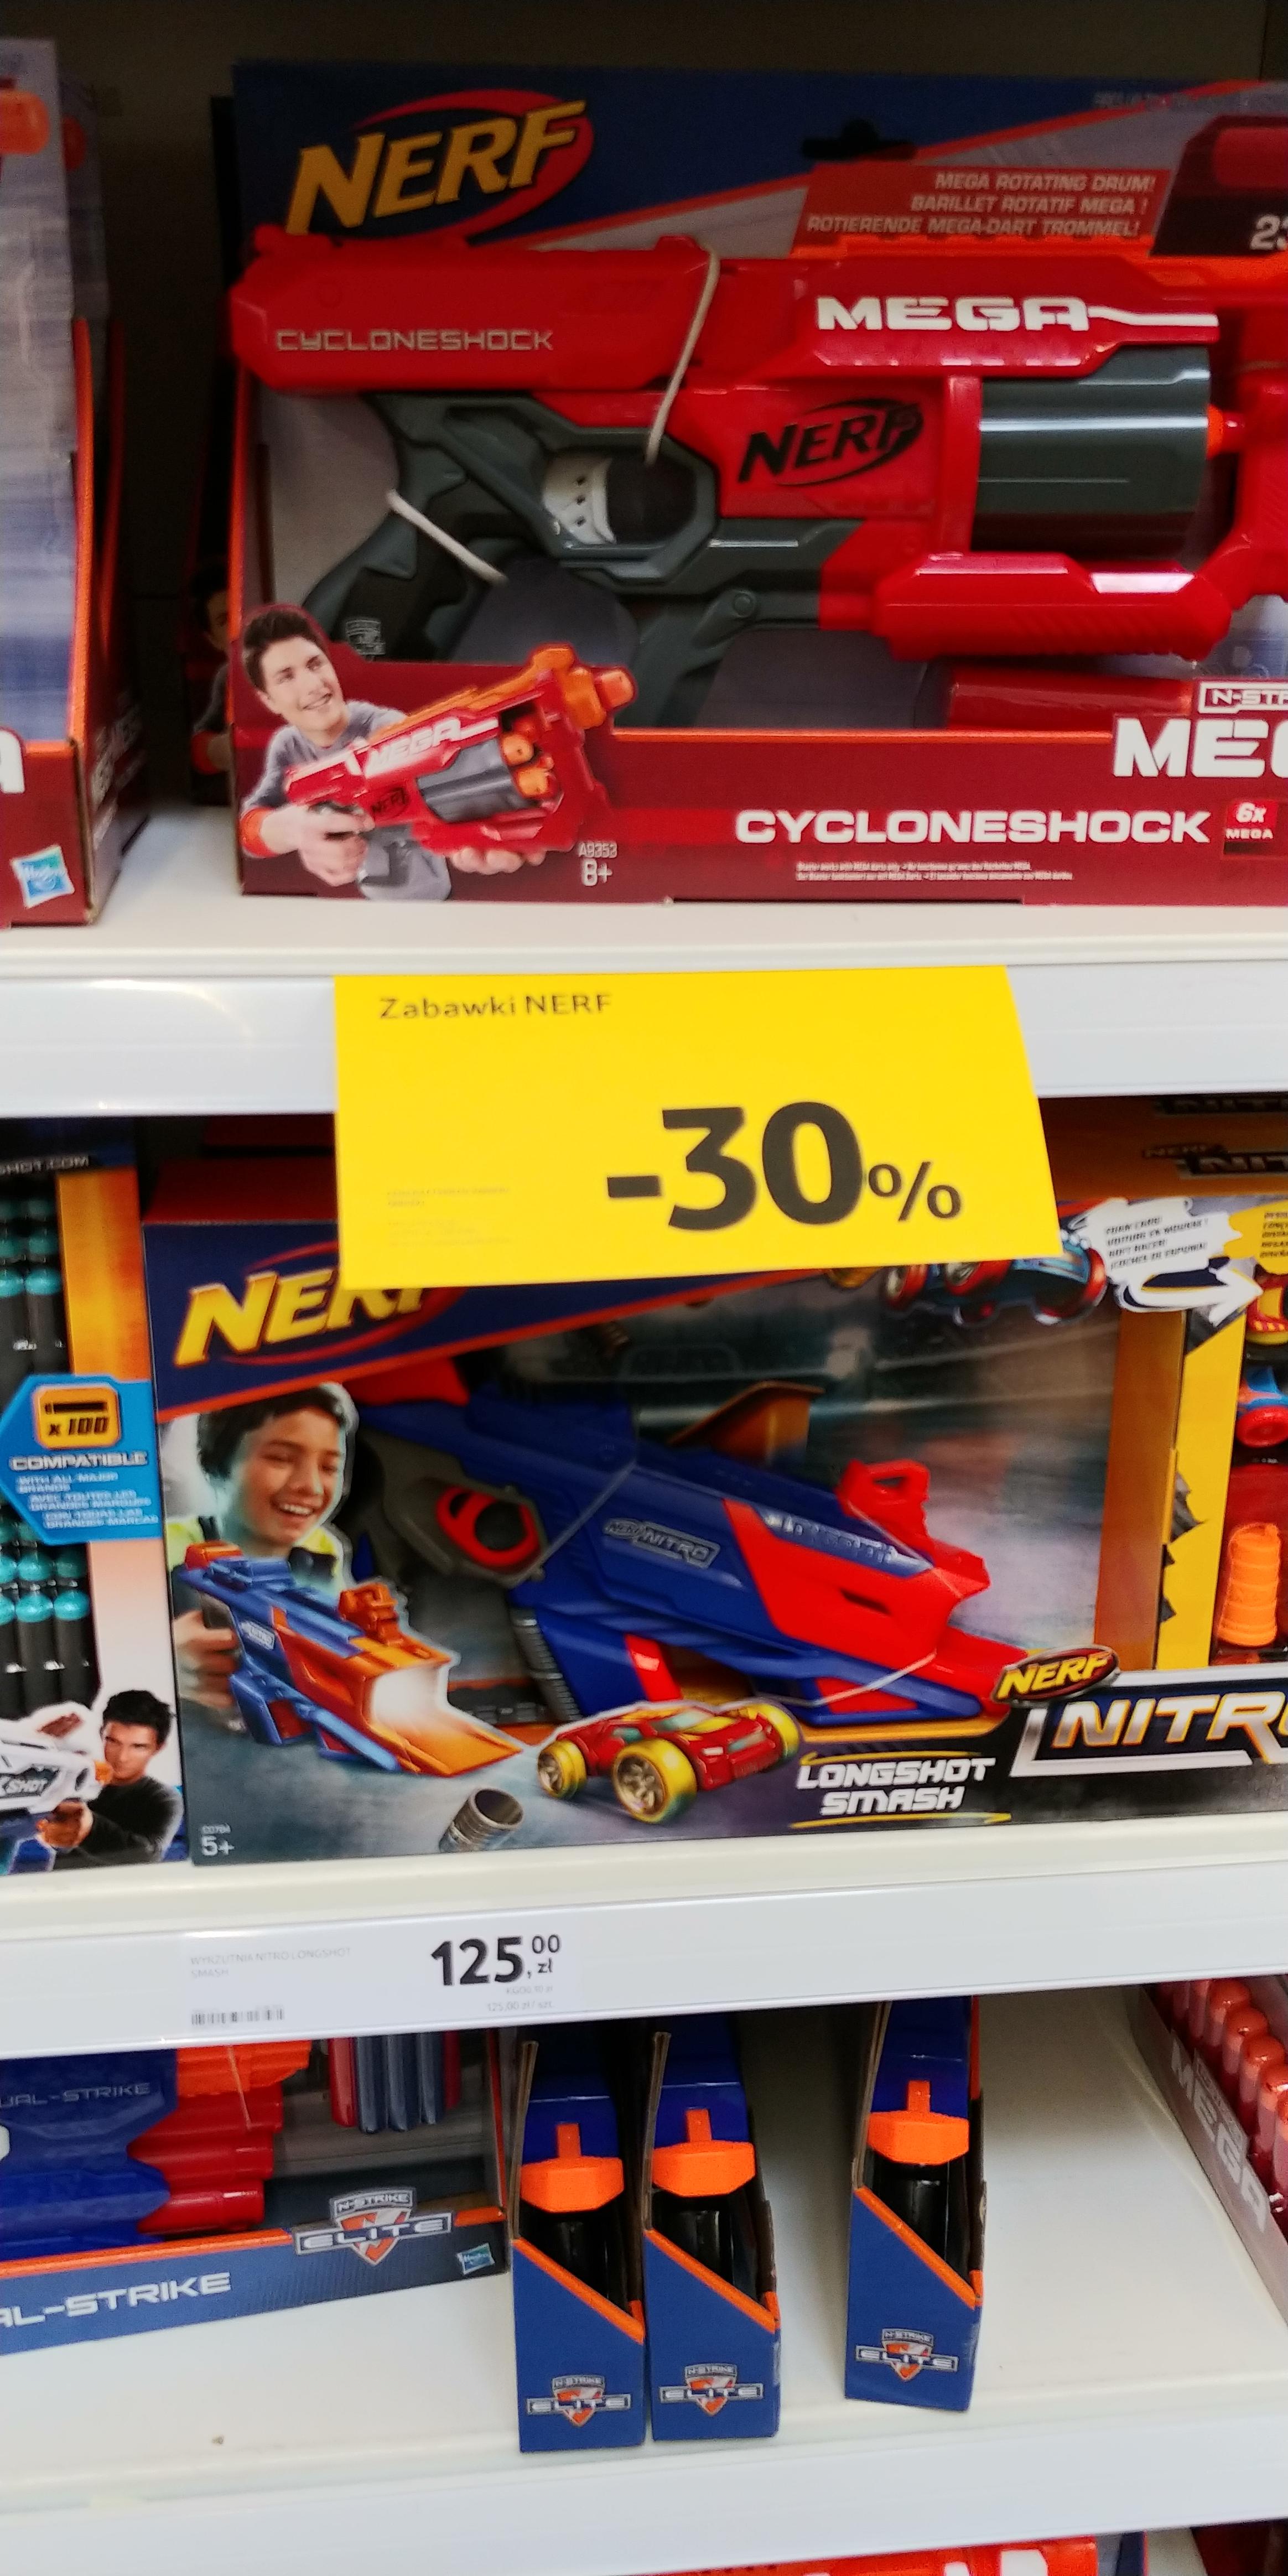 Zabawki NERF w Tesco 30% taniej. Mozliwe40%.